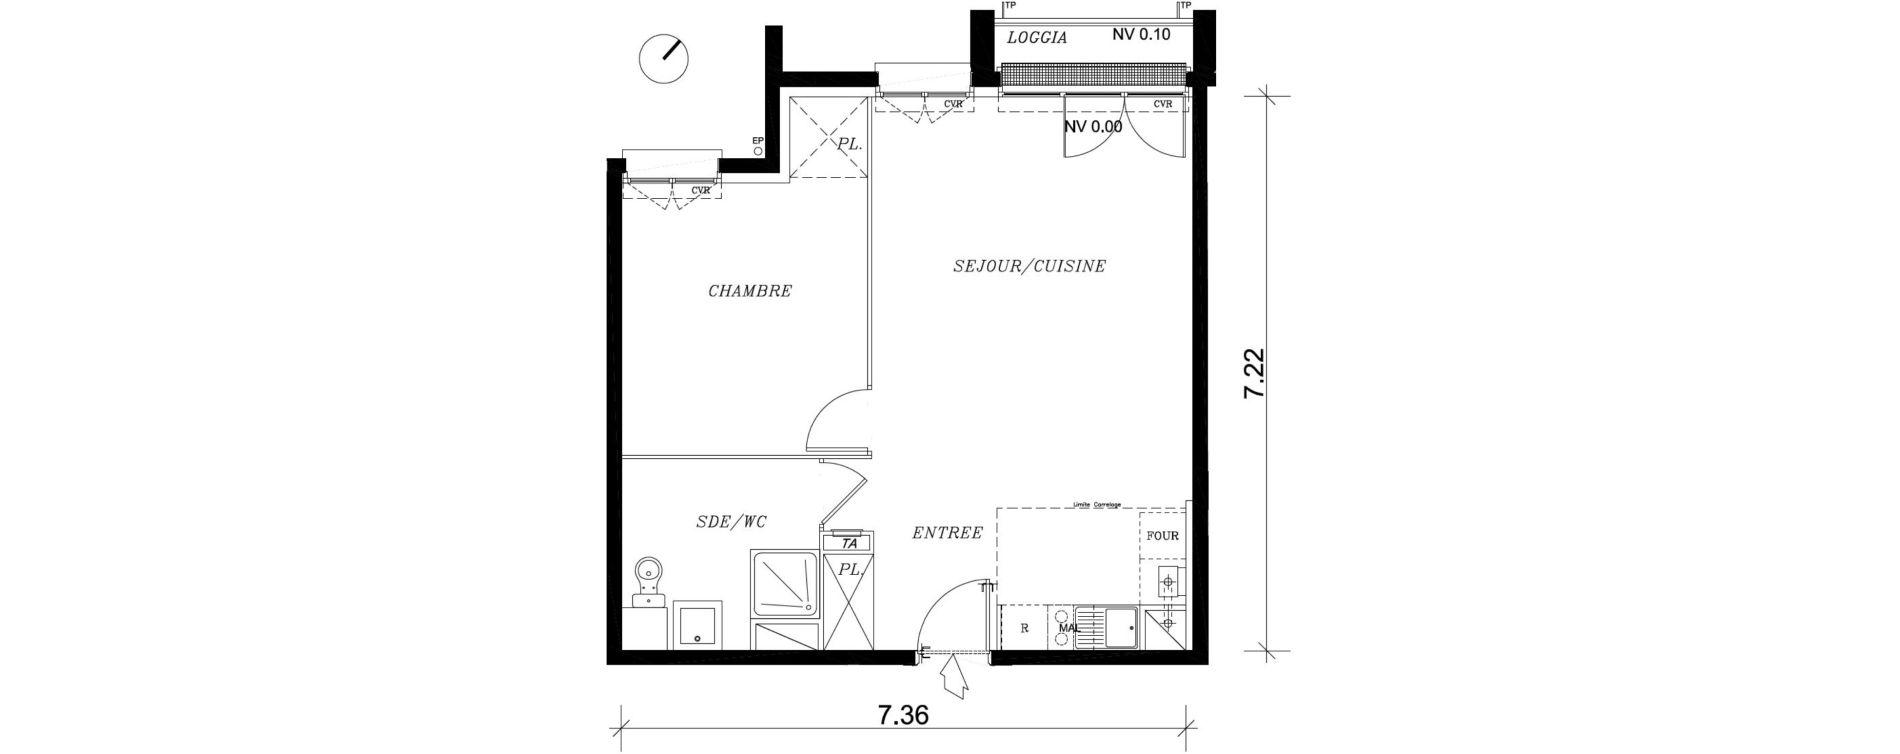 Appartement T2 de 49,63 m2 à Nancy Marcel brot